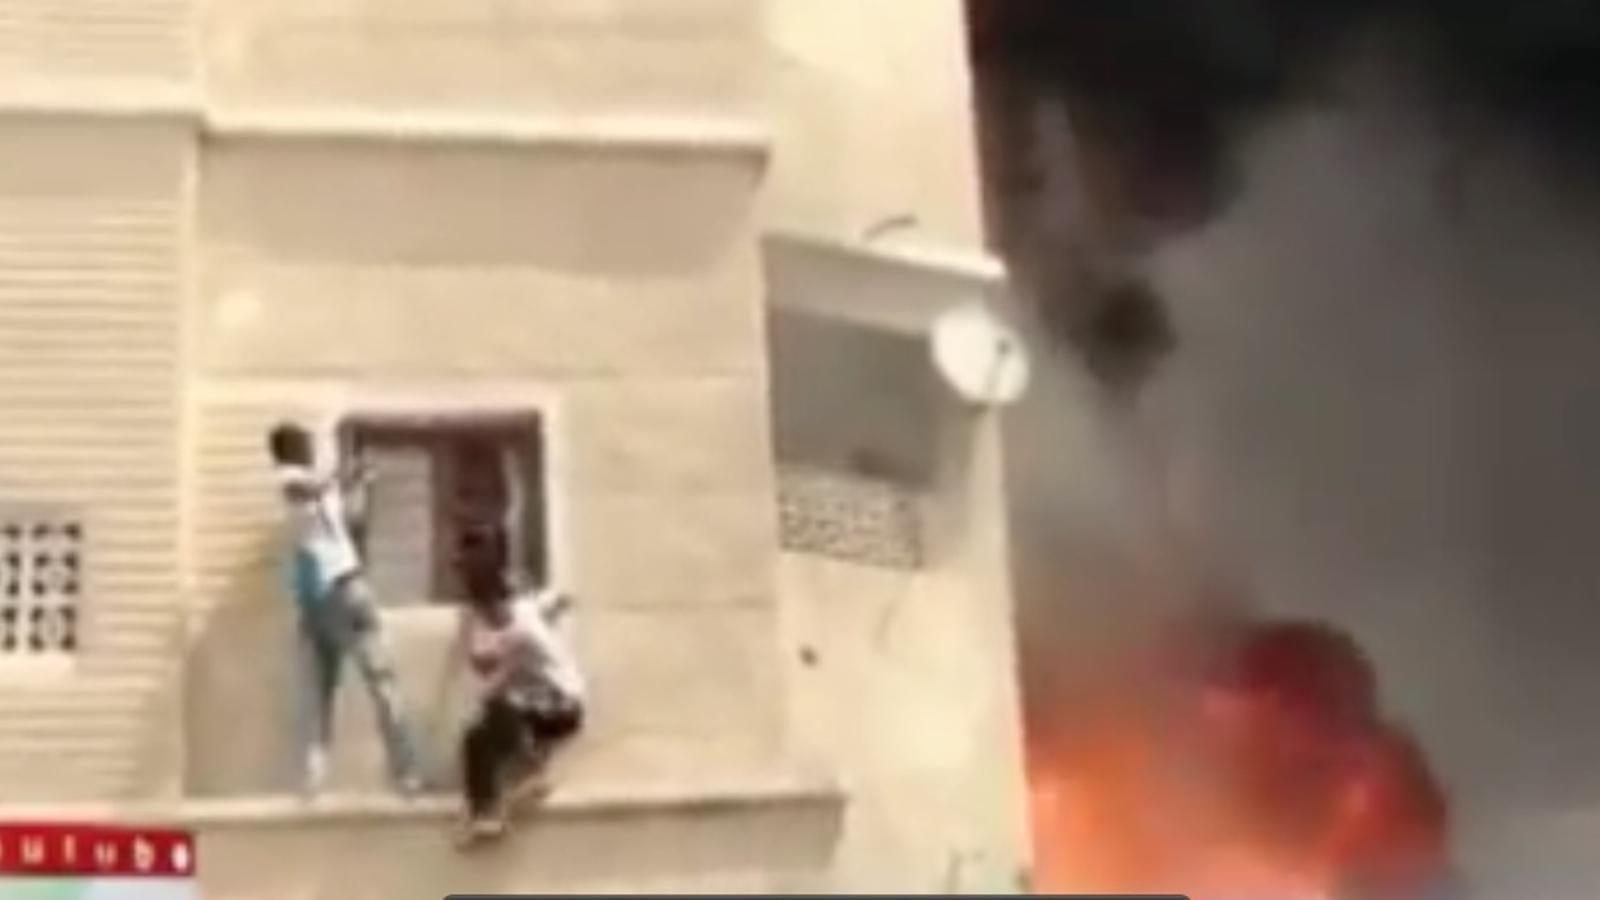 Rescat extrem d'un nen atrapat en una casa bombardejada de Síria